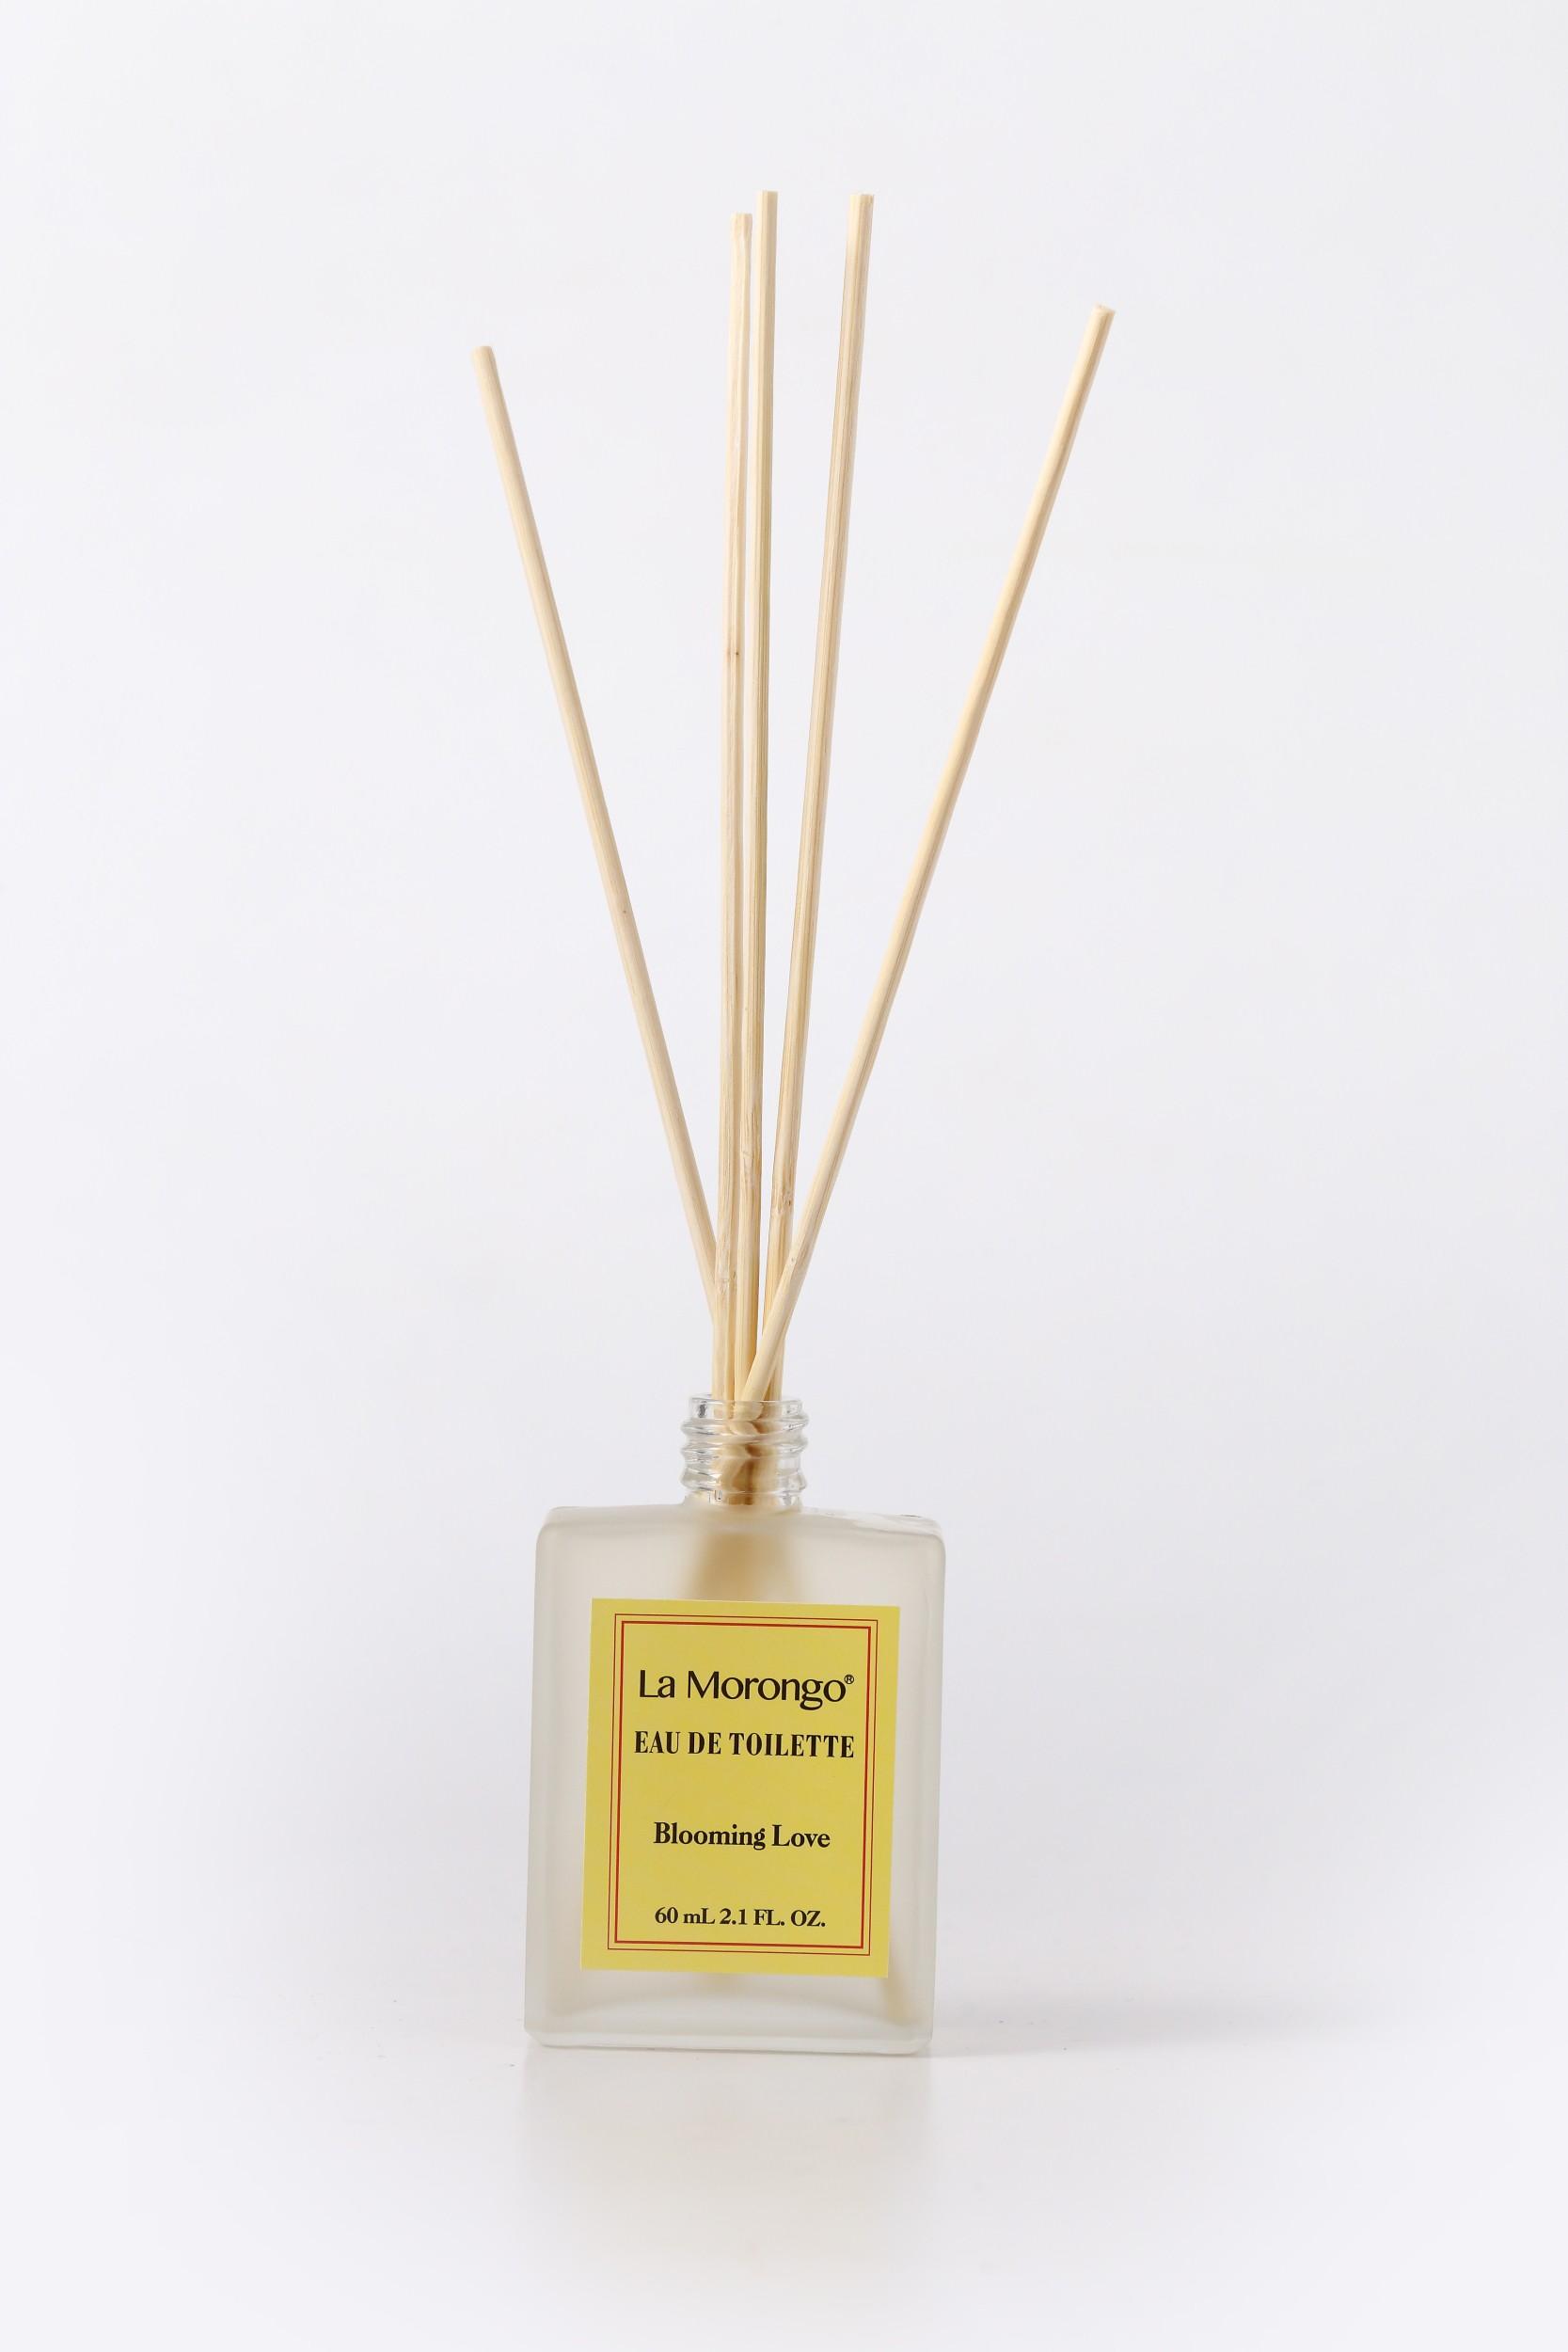 十瓶 10 bottle Blooming Love bamboo reed diffuser 黃標寵愛花香調蜂蜜桂花精油香氛噴霧擴香竹 60mL X10瓶